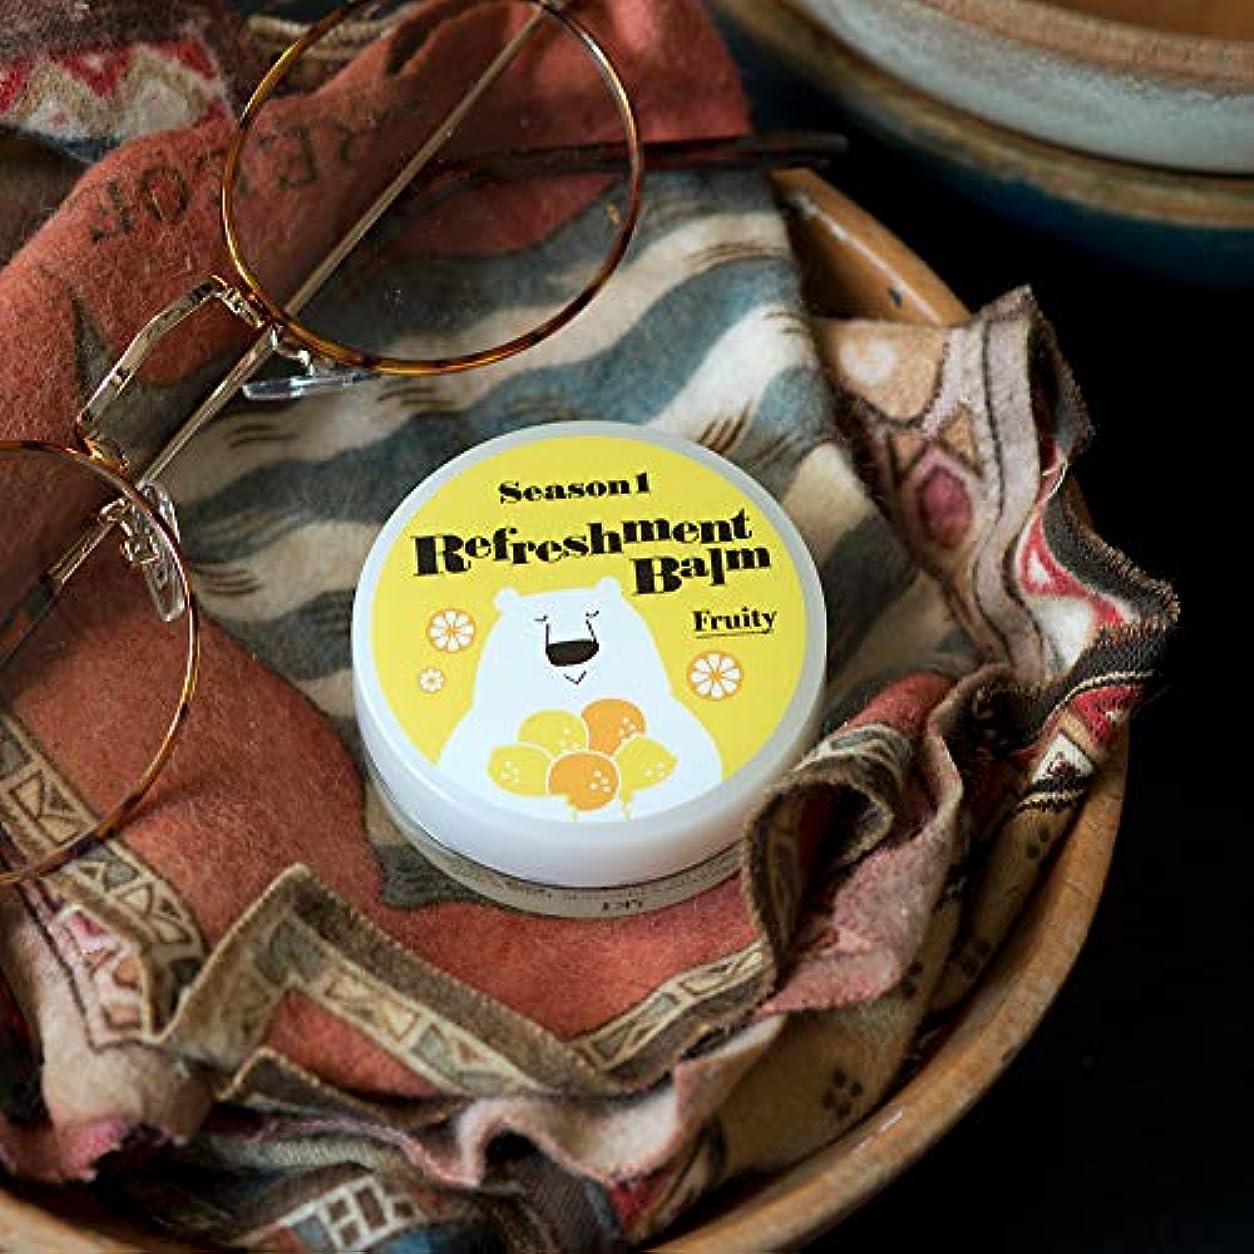 バーター大量雄弁な(美健)BIKEN カサカサ鼻にひと塗り リフレッシュメントバーム フルーティ エッセンシャルオイル(精油)のみで香り付け